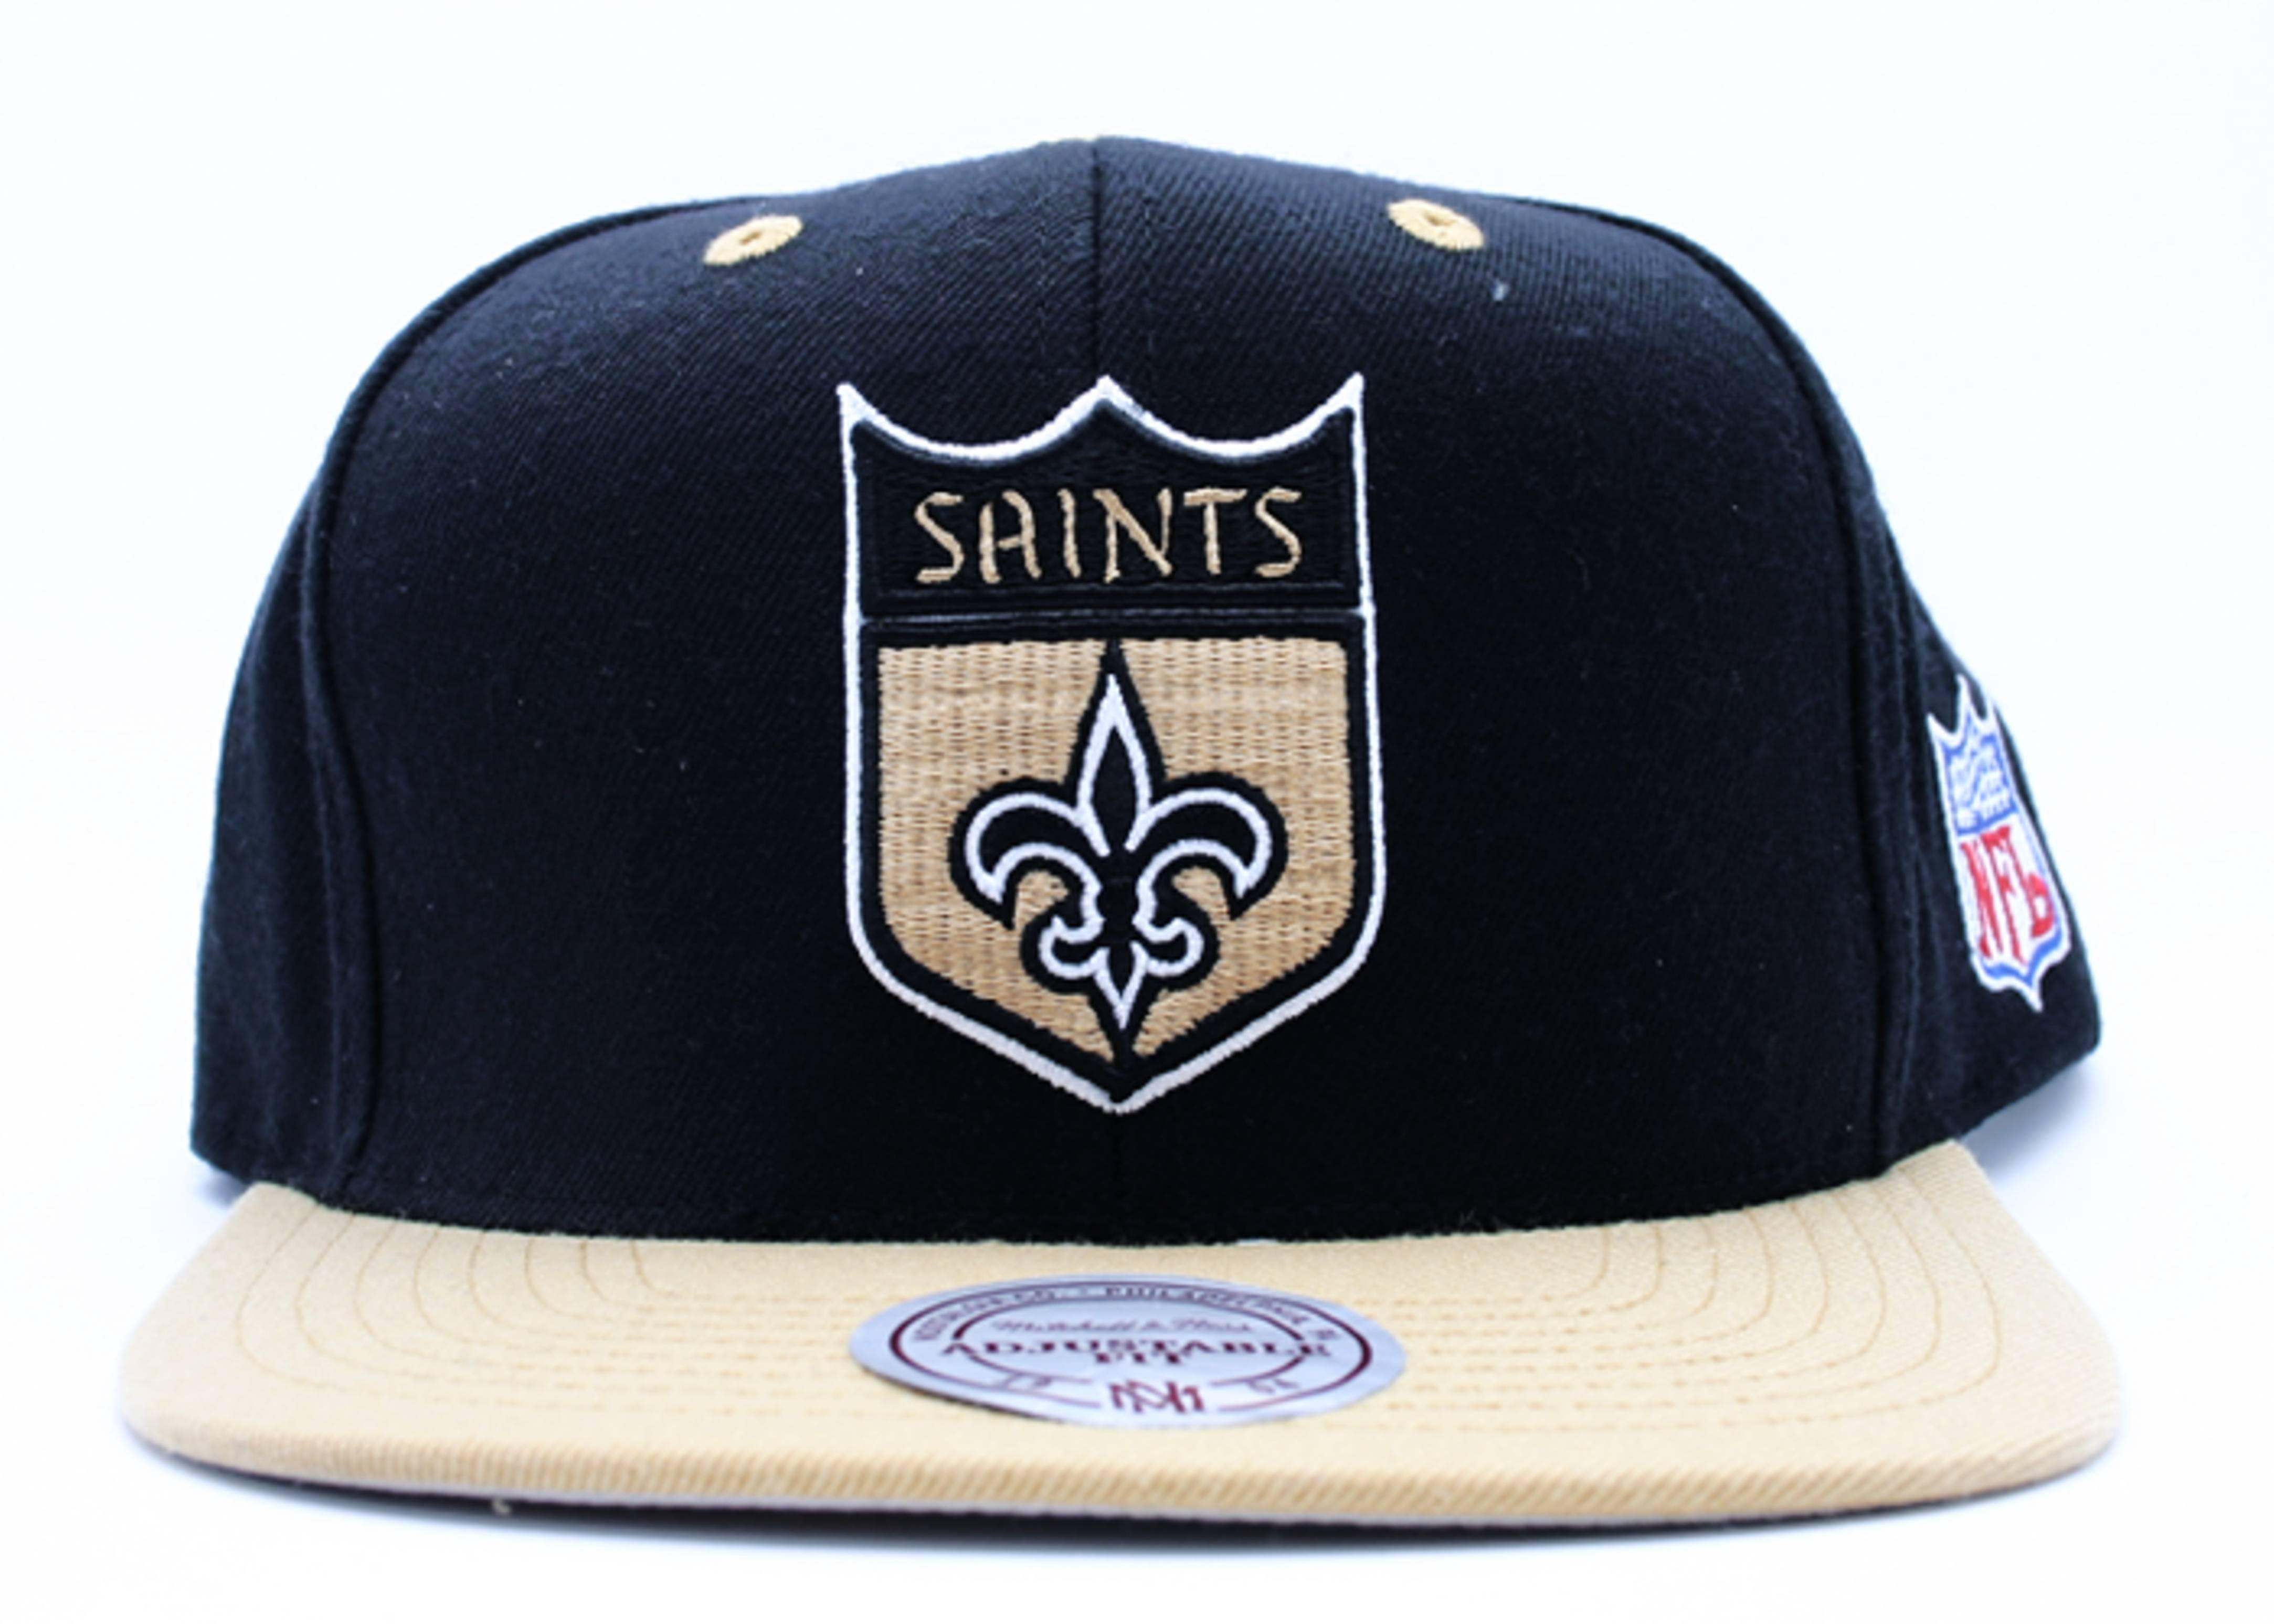 new orleans saints snap-back